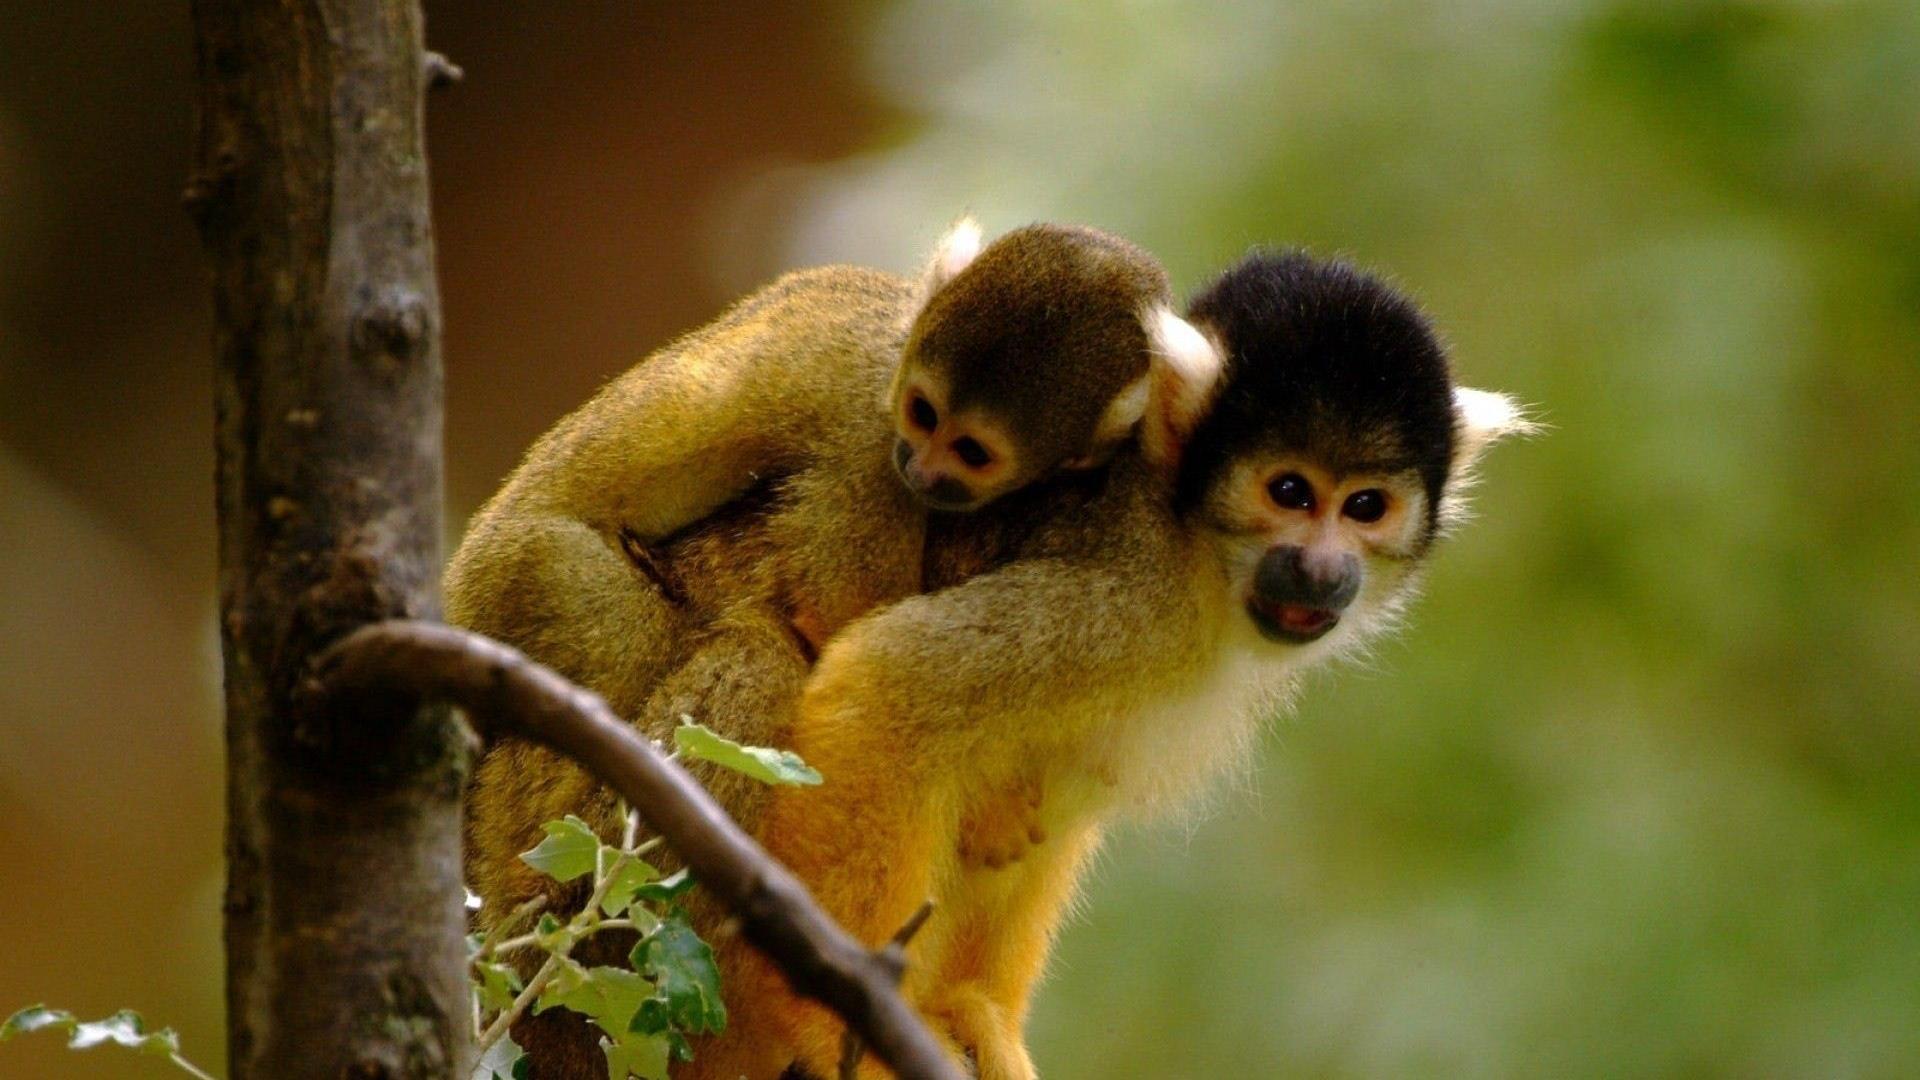 loving monkeys cute animal wallpapers 1384jpg 1920x1080